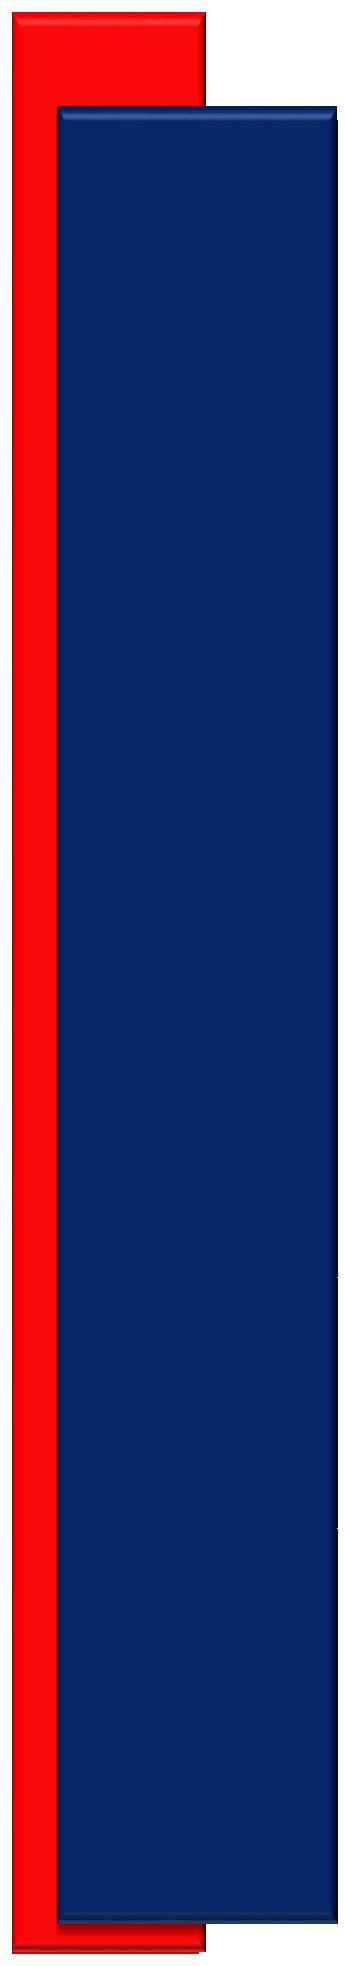 kodang pattern meaning juche